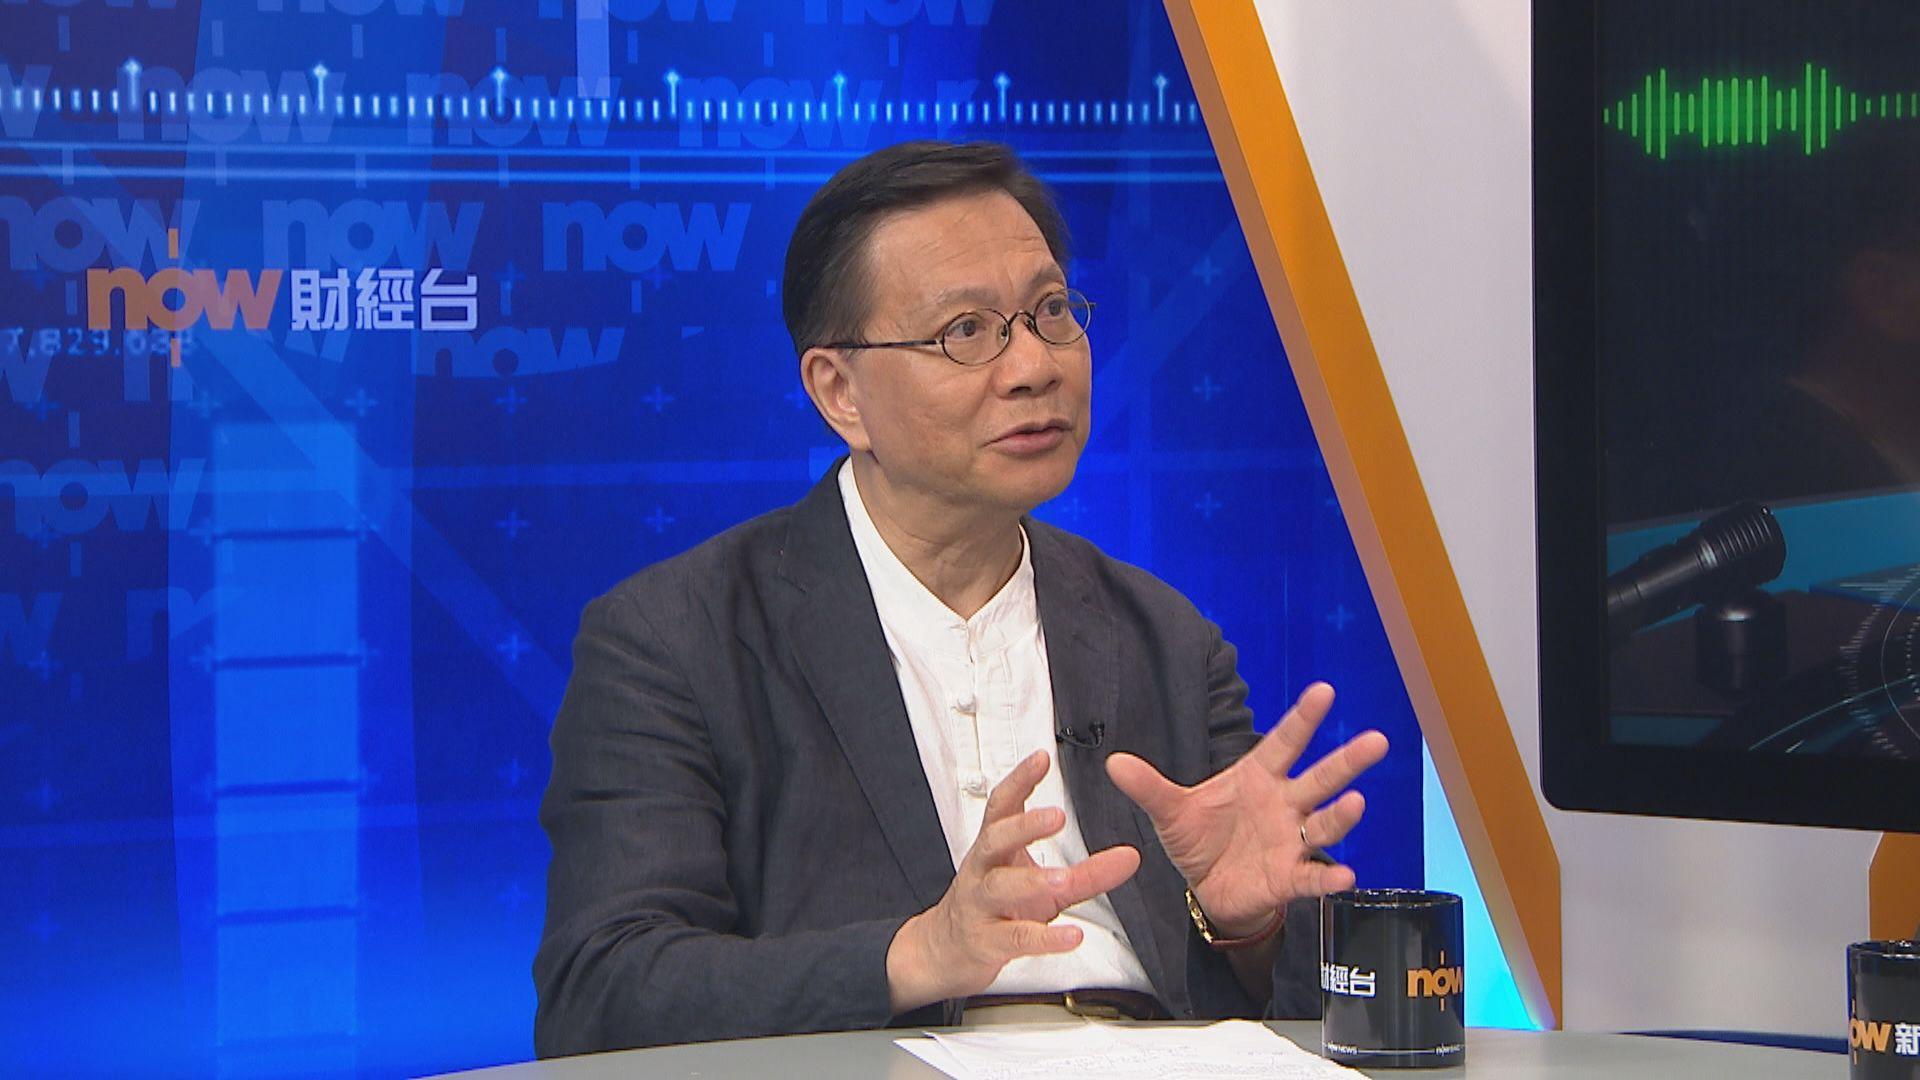 張炳良:政治危機不應由警隊處理